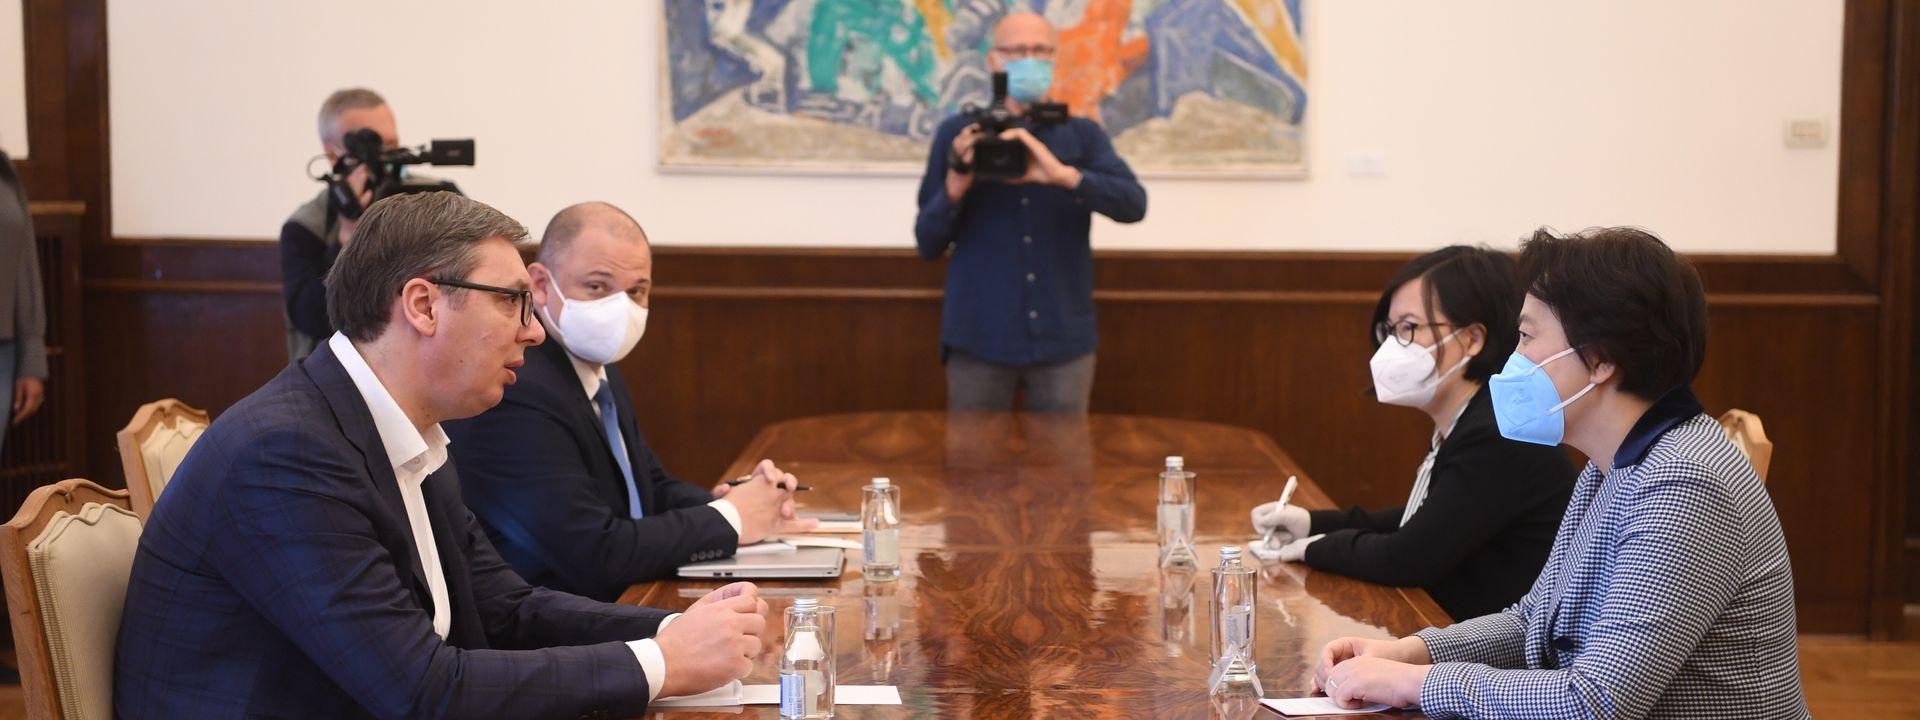 Saradnja Srbije i Kine nastaviće se još intenzivnijim tempom